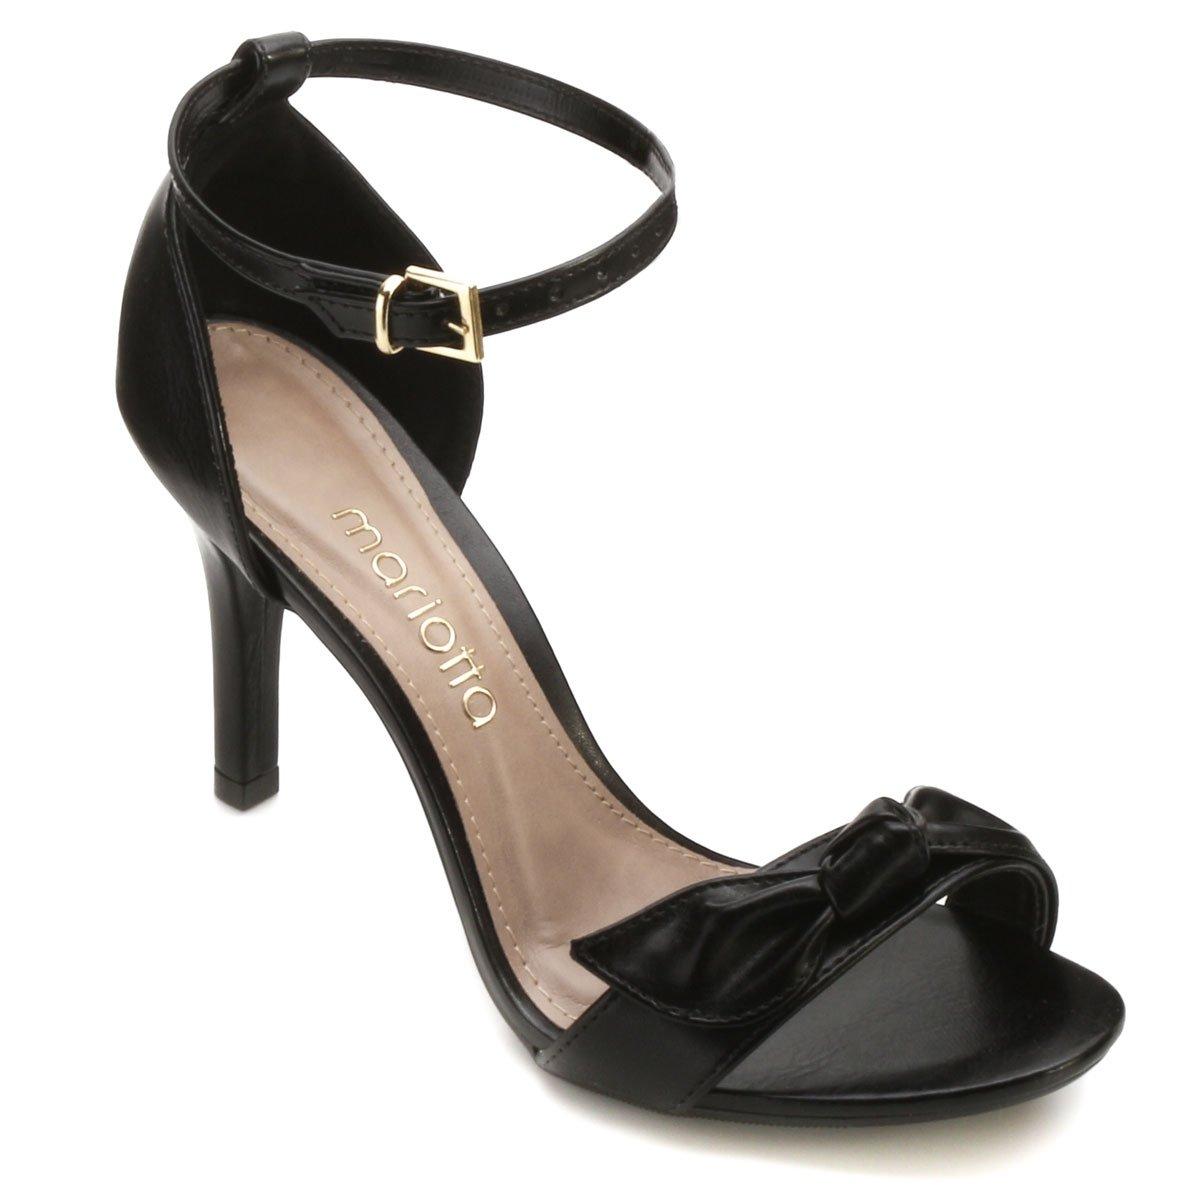 8b610bf14 Sandálias Mariotta - Calçados